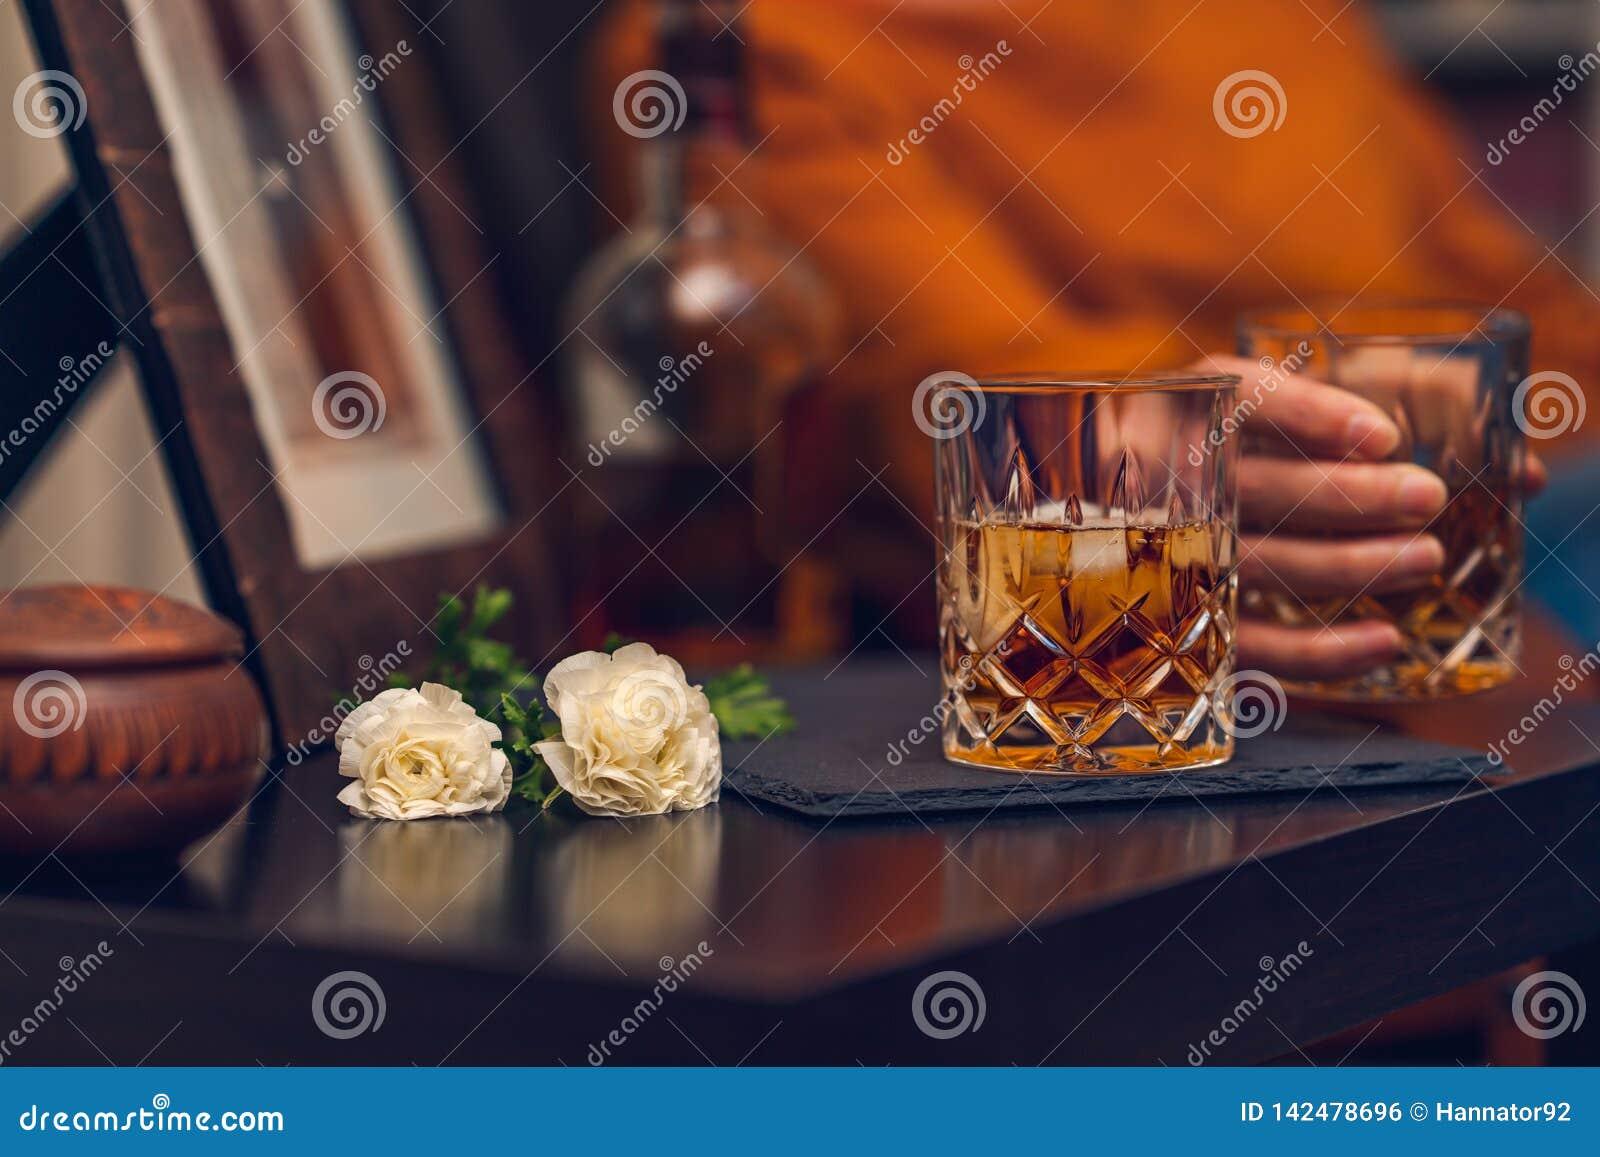 杯威士忌酒和花,静物画,电影作用